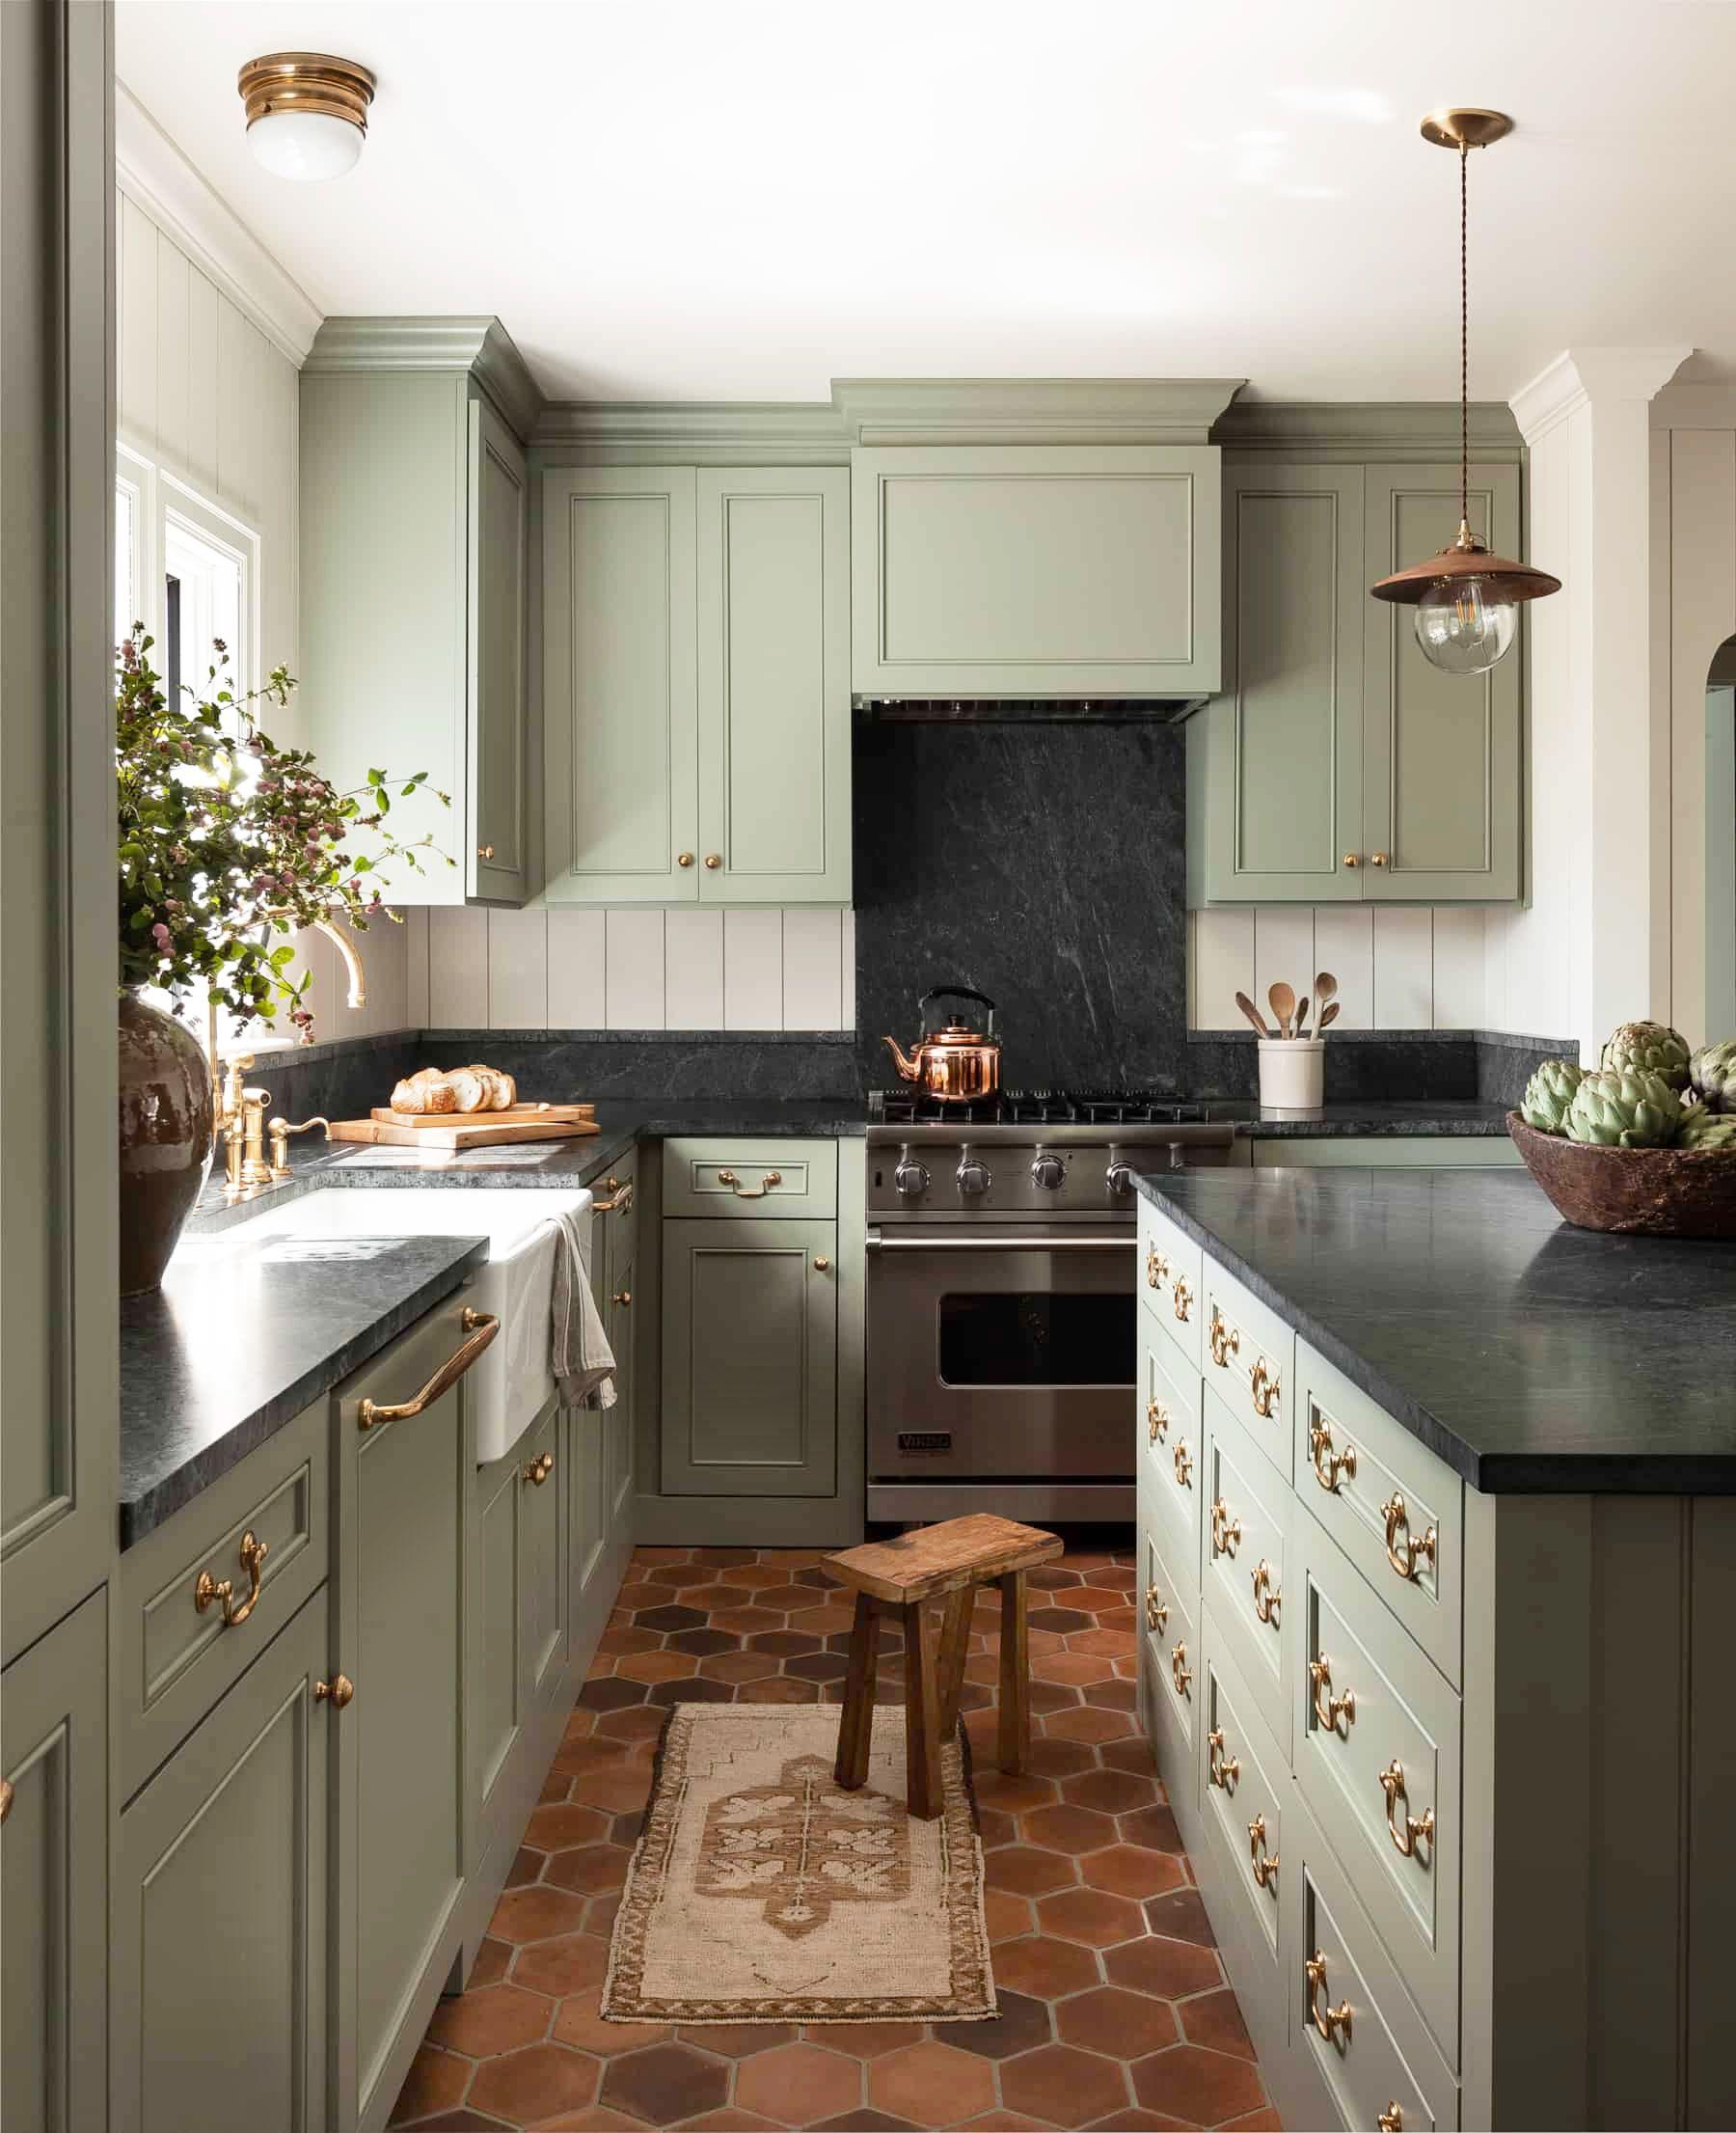 Farmhouse kitchen – design, style and ideas